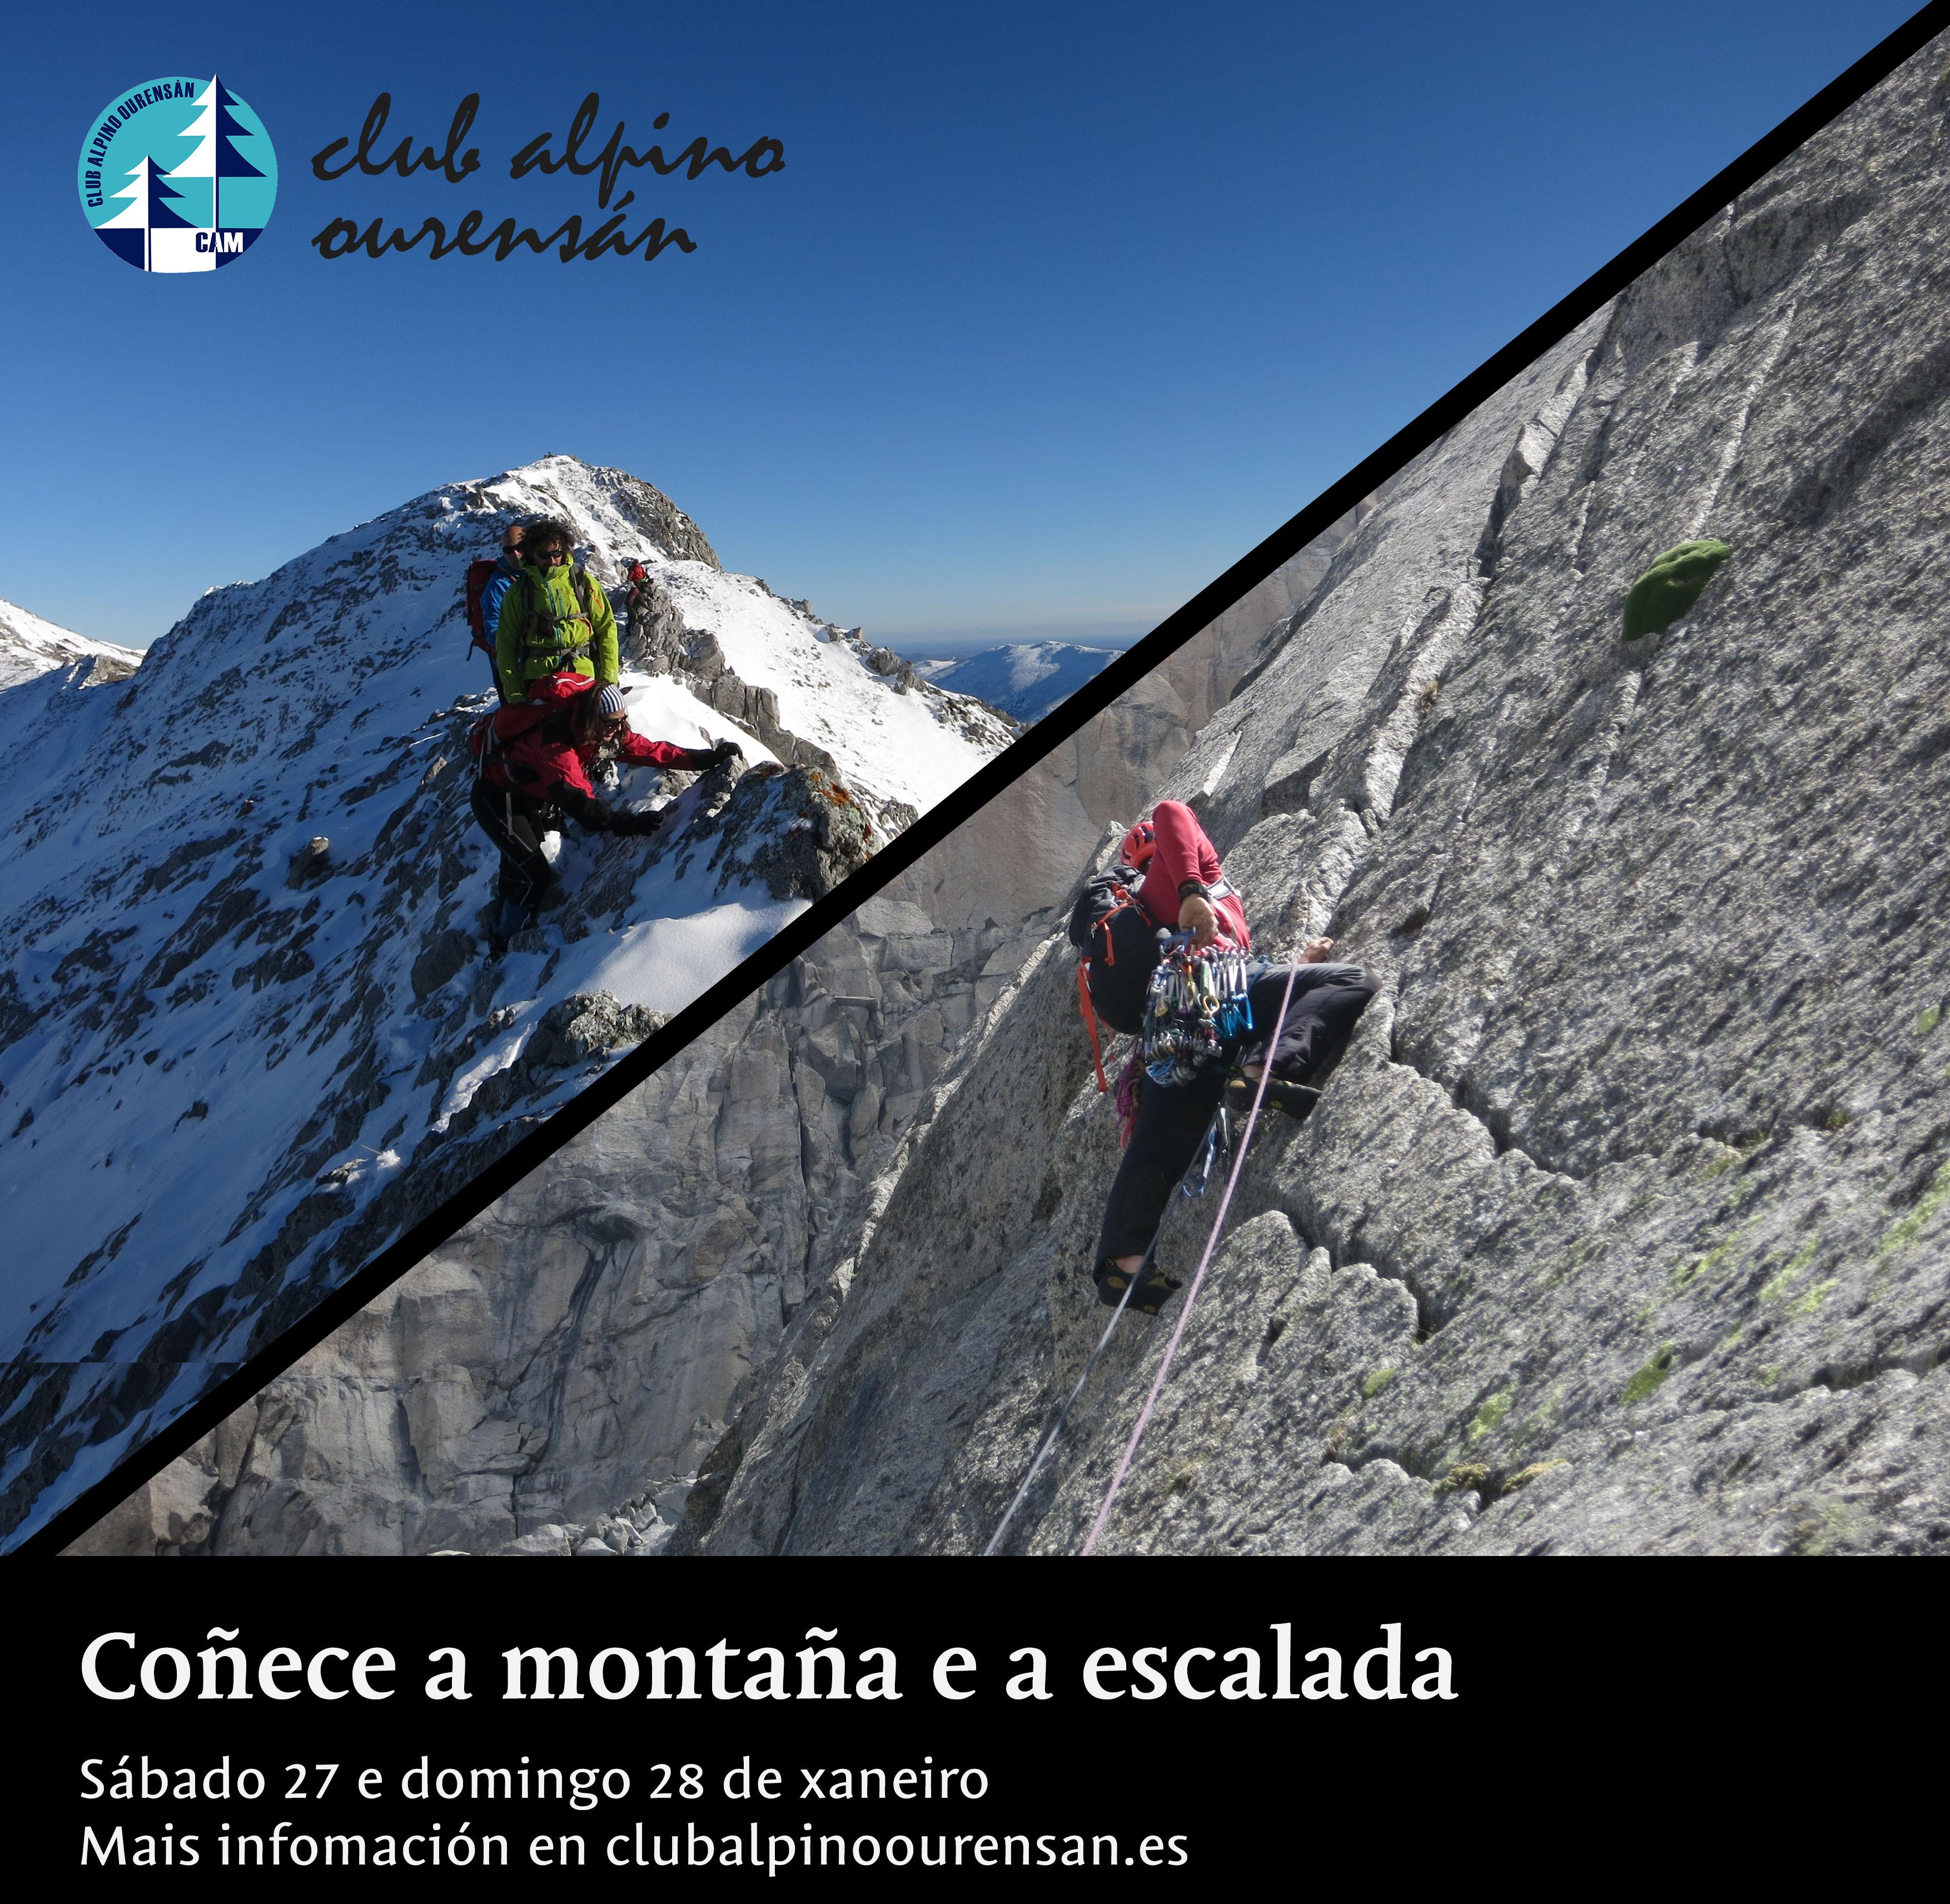 coñece_a_escalada_e_montaña